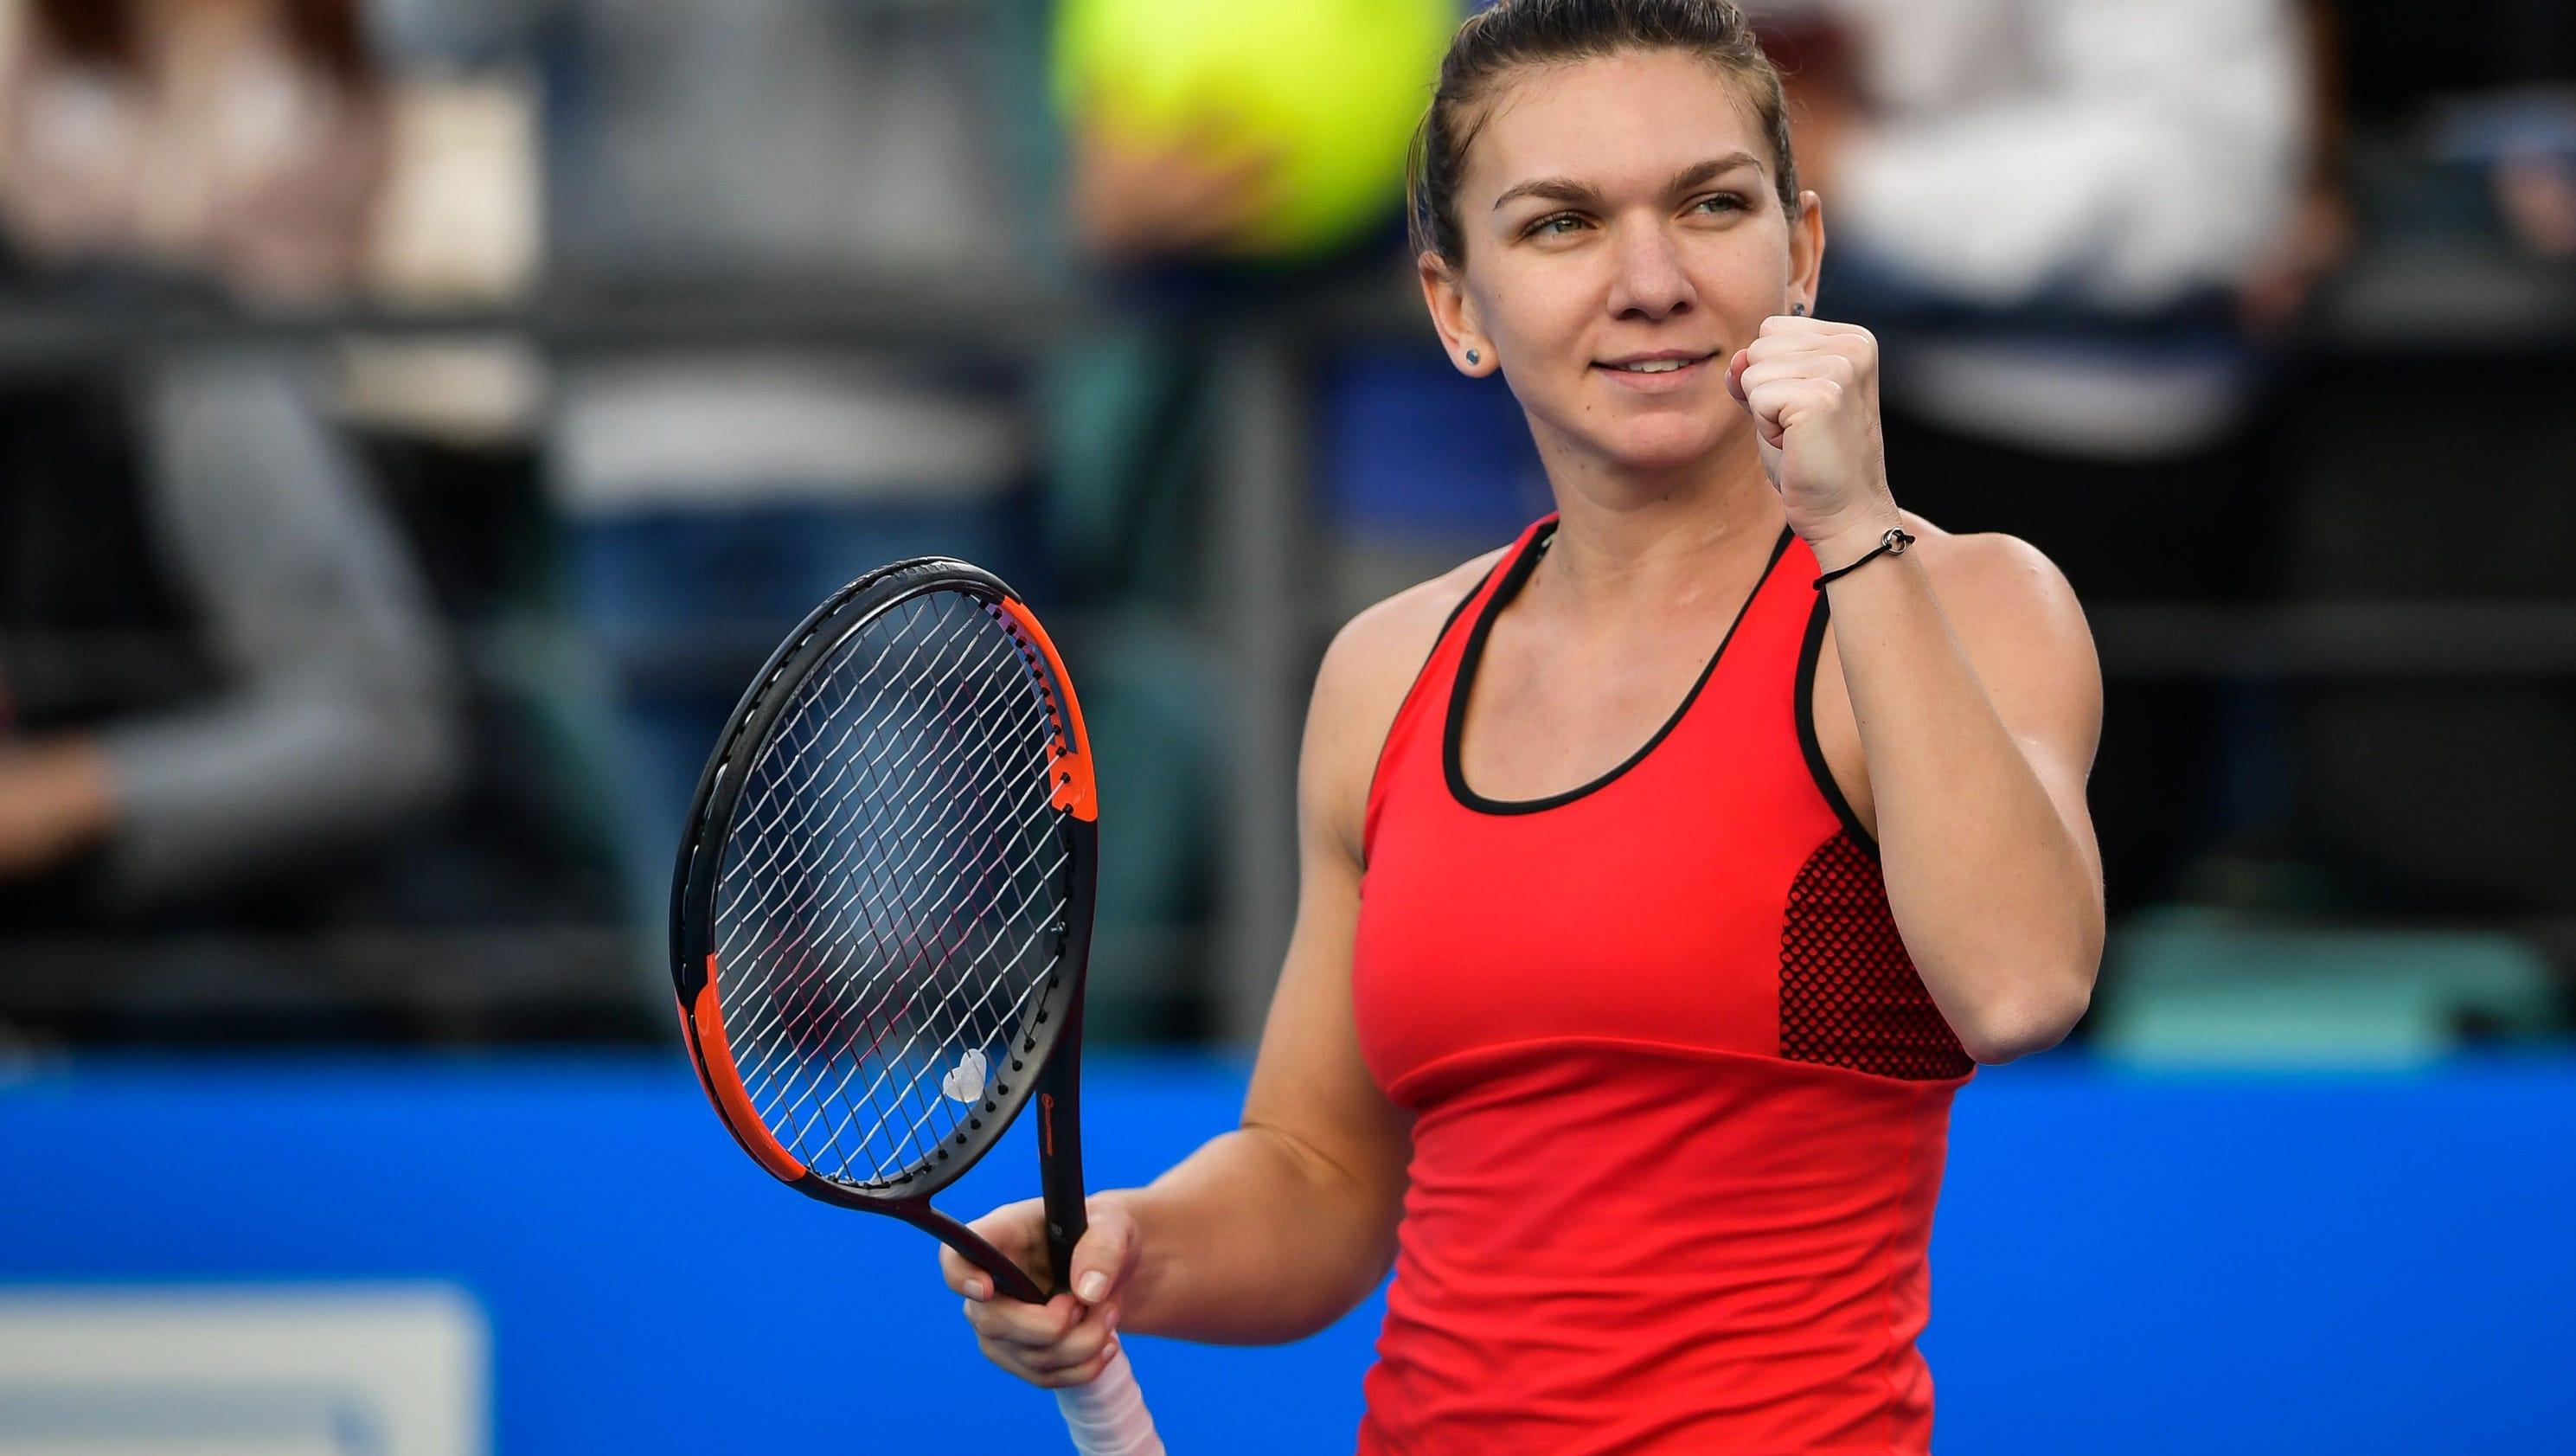 Simona Halep Photos Photos - 2015 Australian Open - Day 7 ...  |Halep